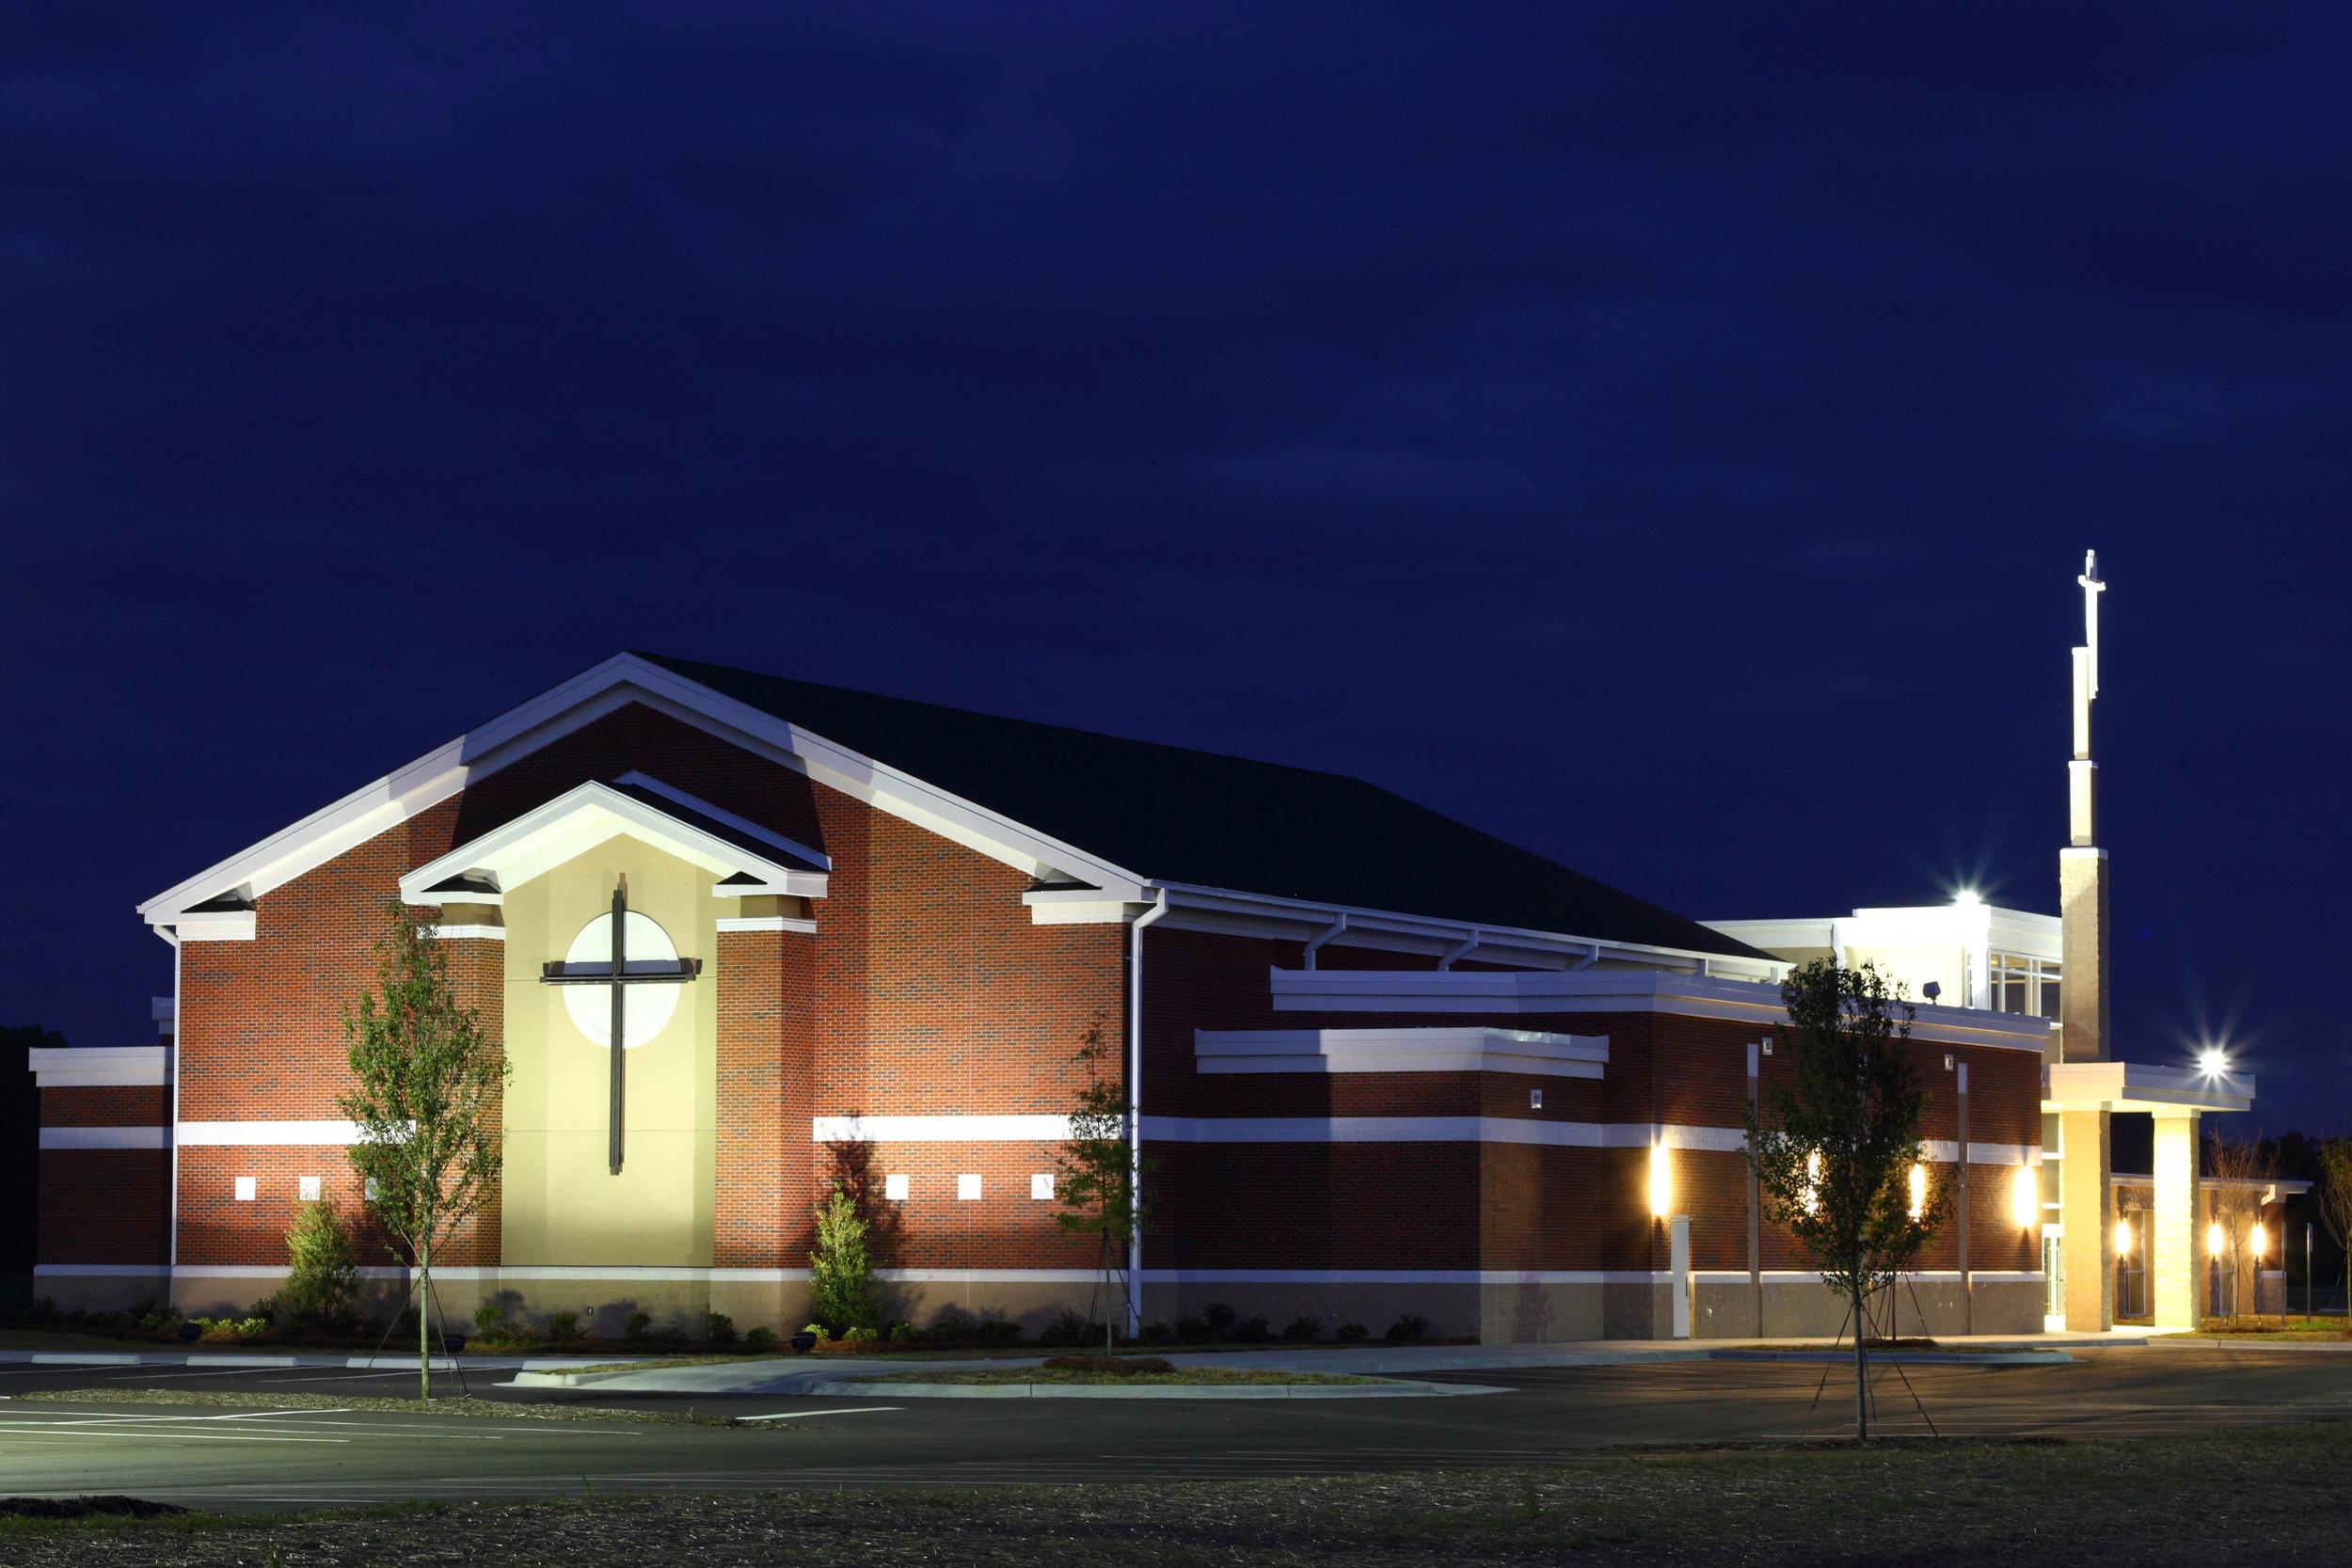 ADW-Faith-Based-Hopewell-Baptist-Church-Union-County-NC-Exterior-4.JPG